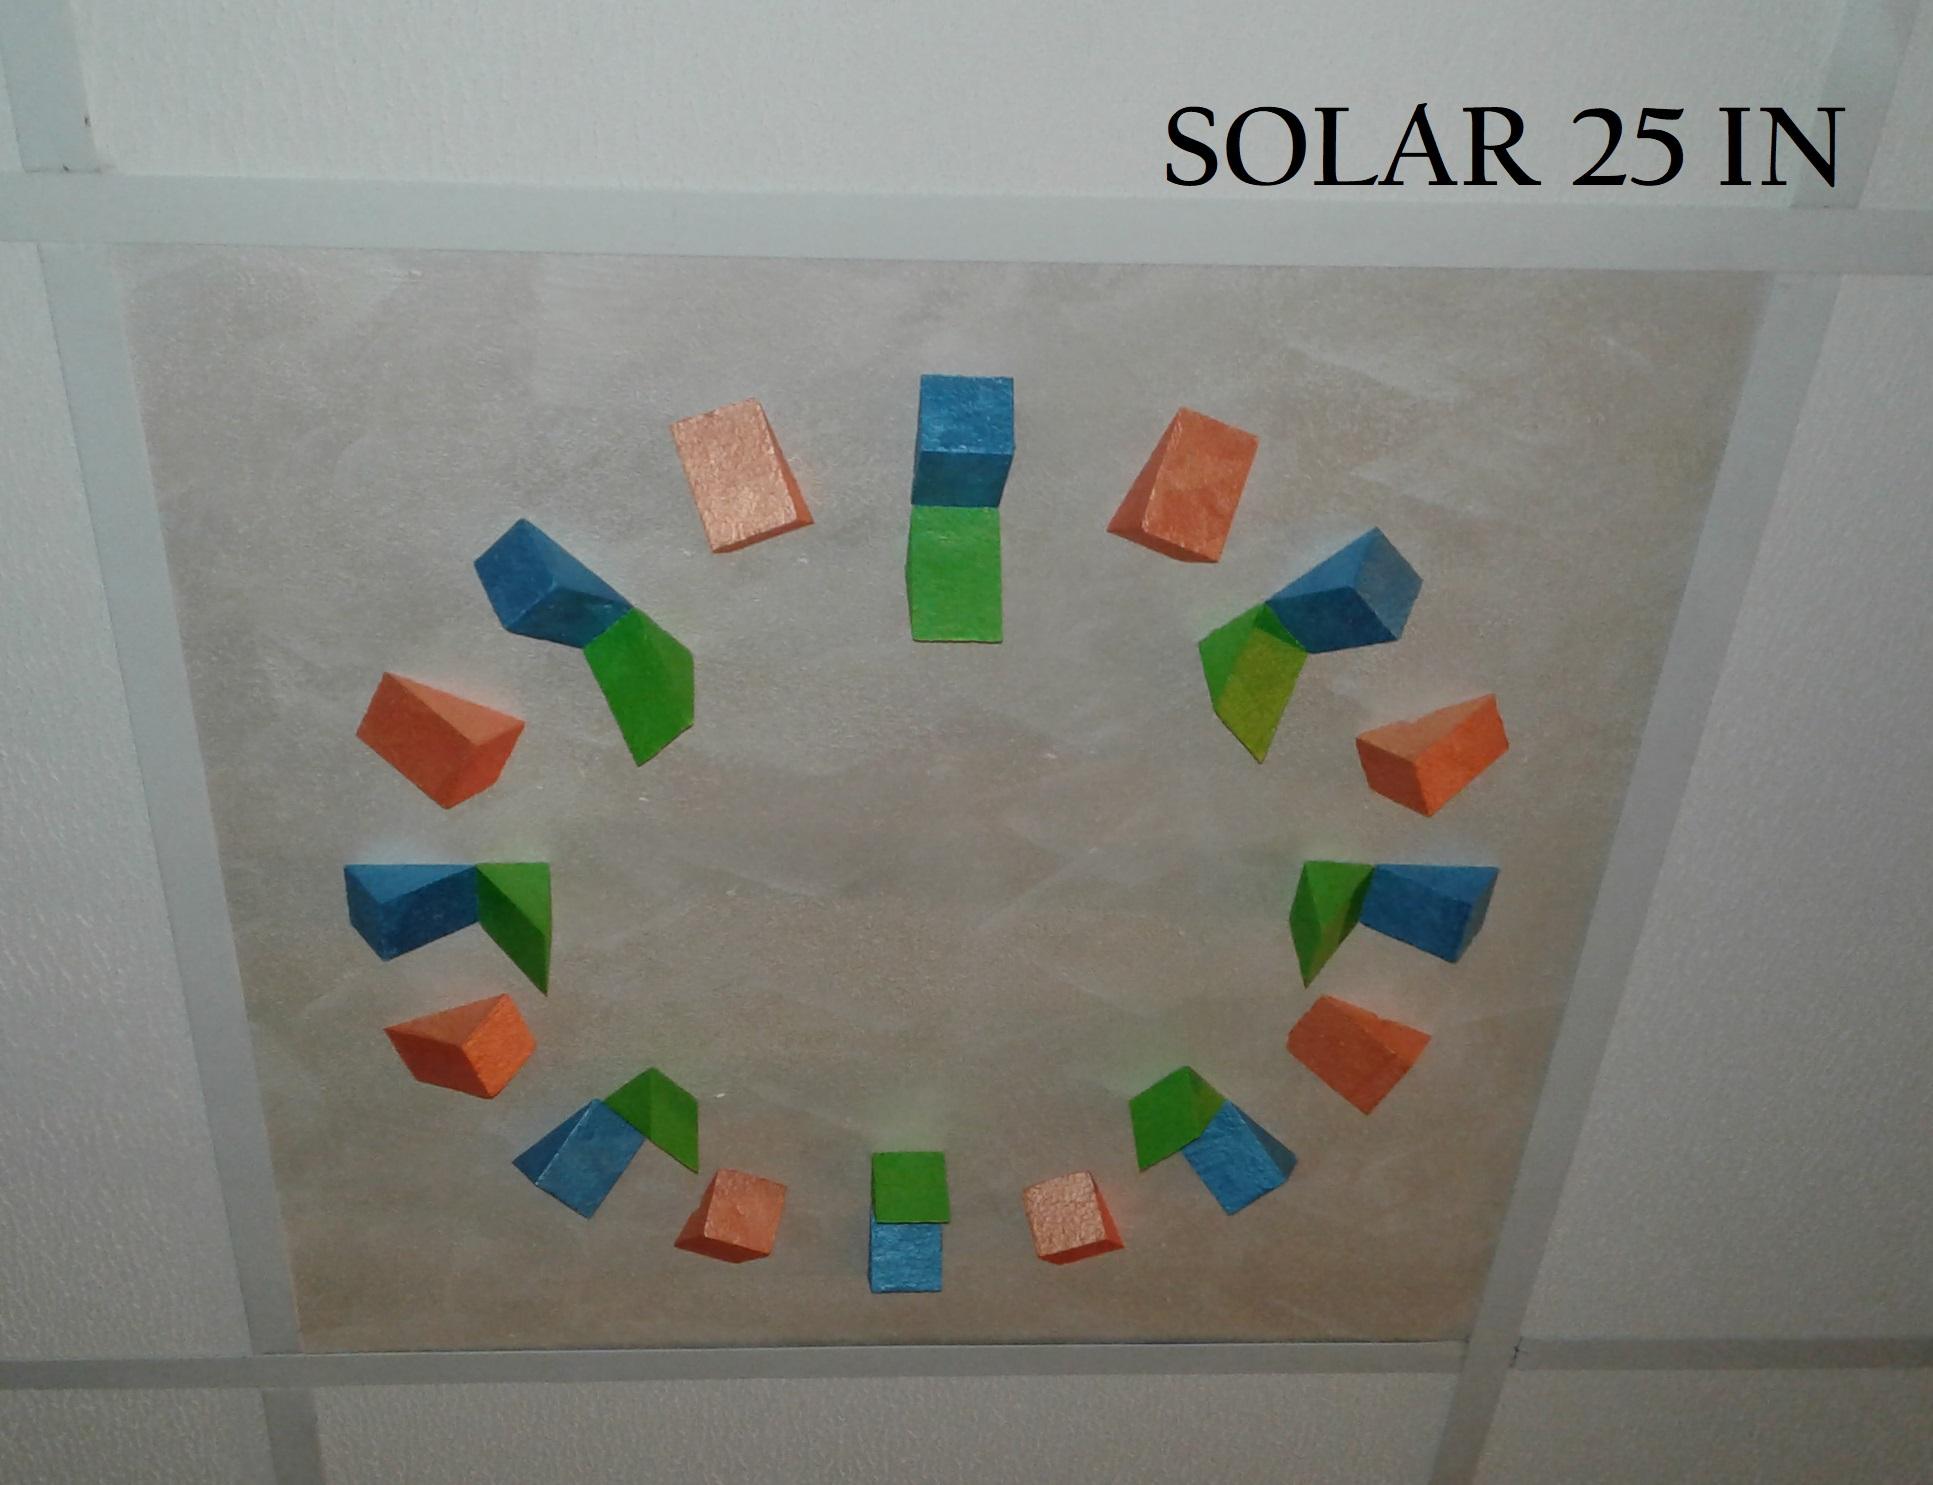 SOLAR 25 IN